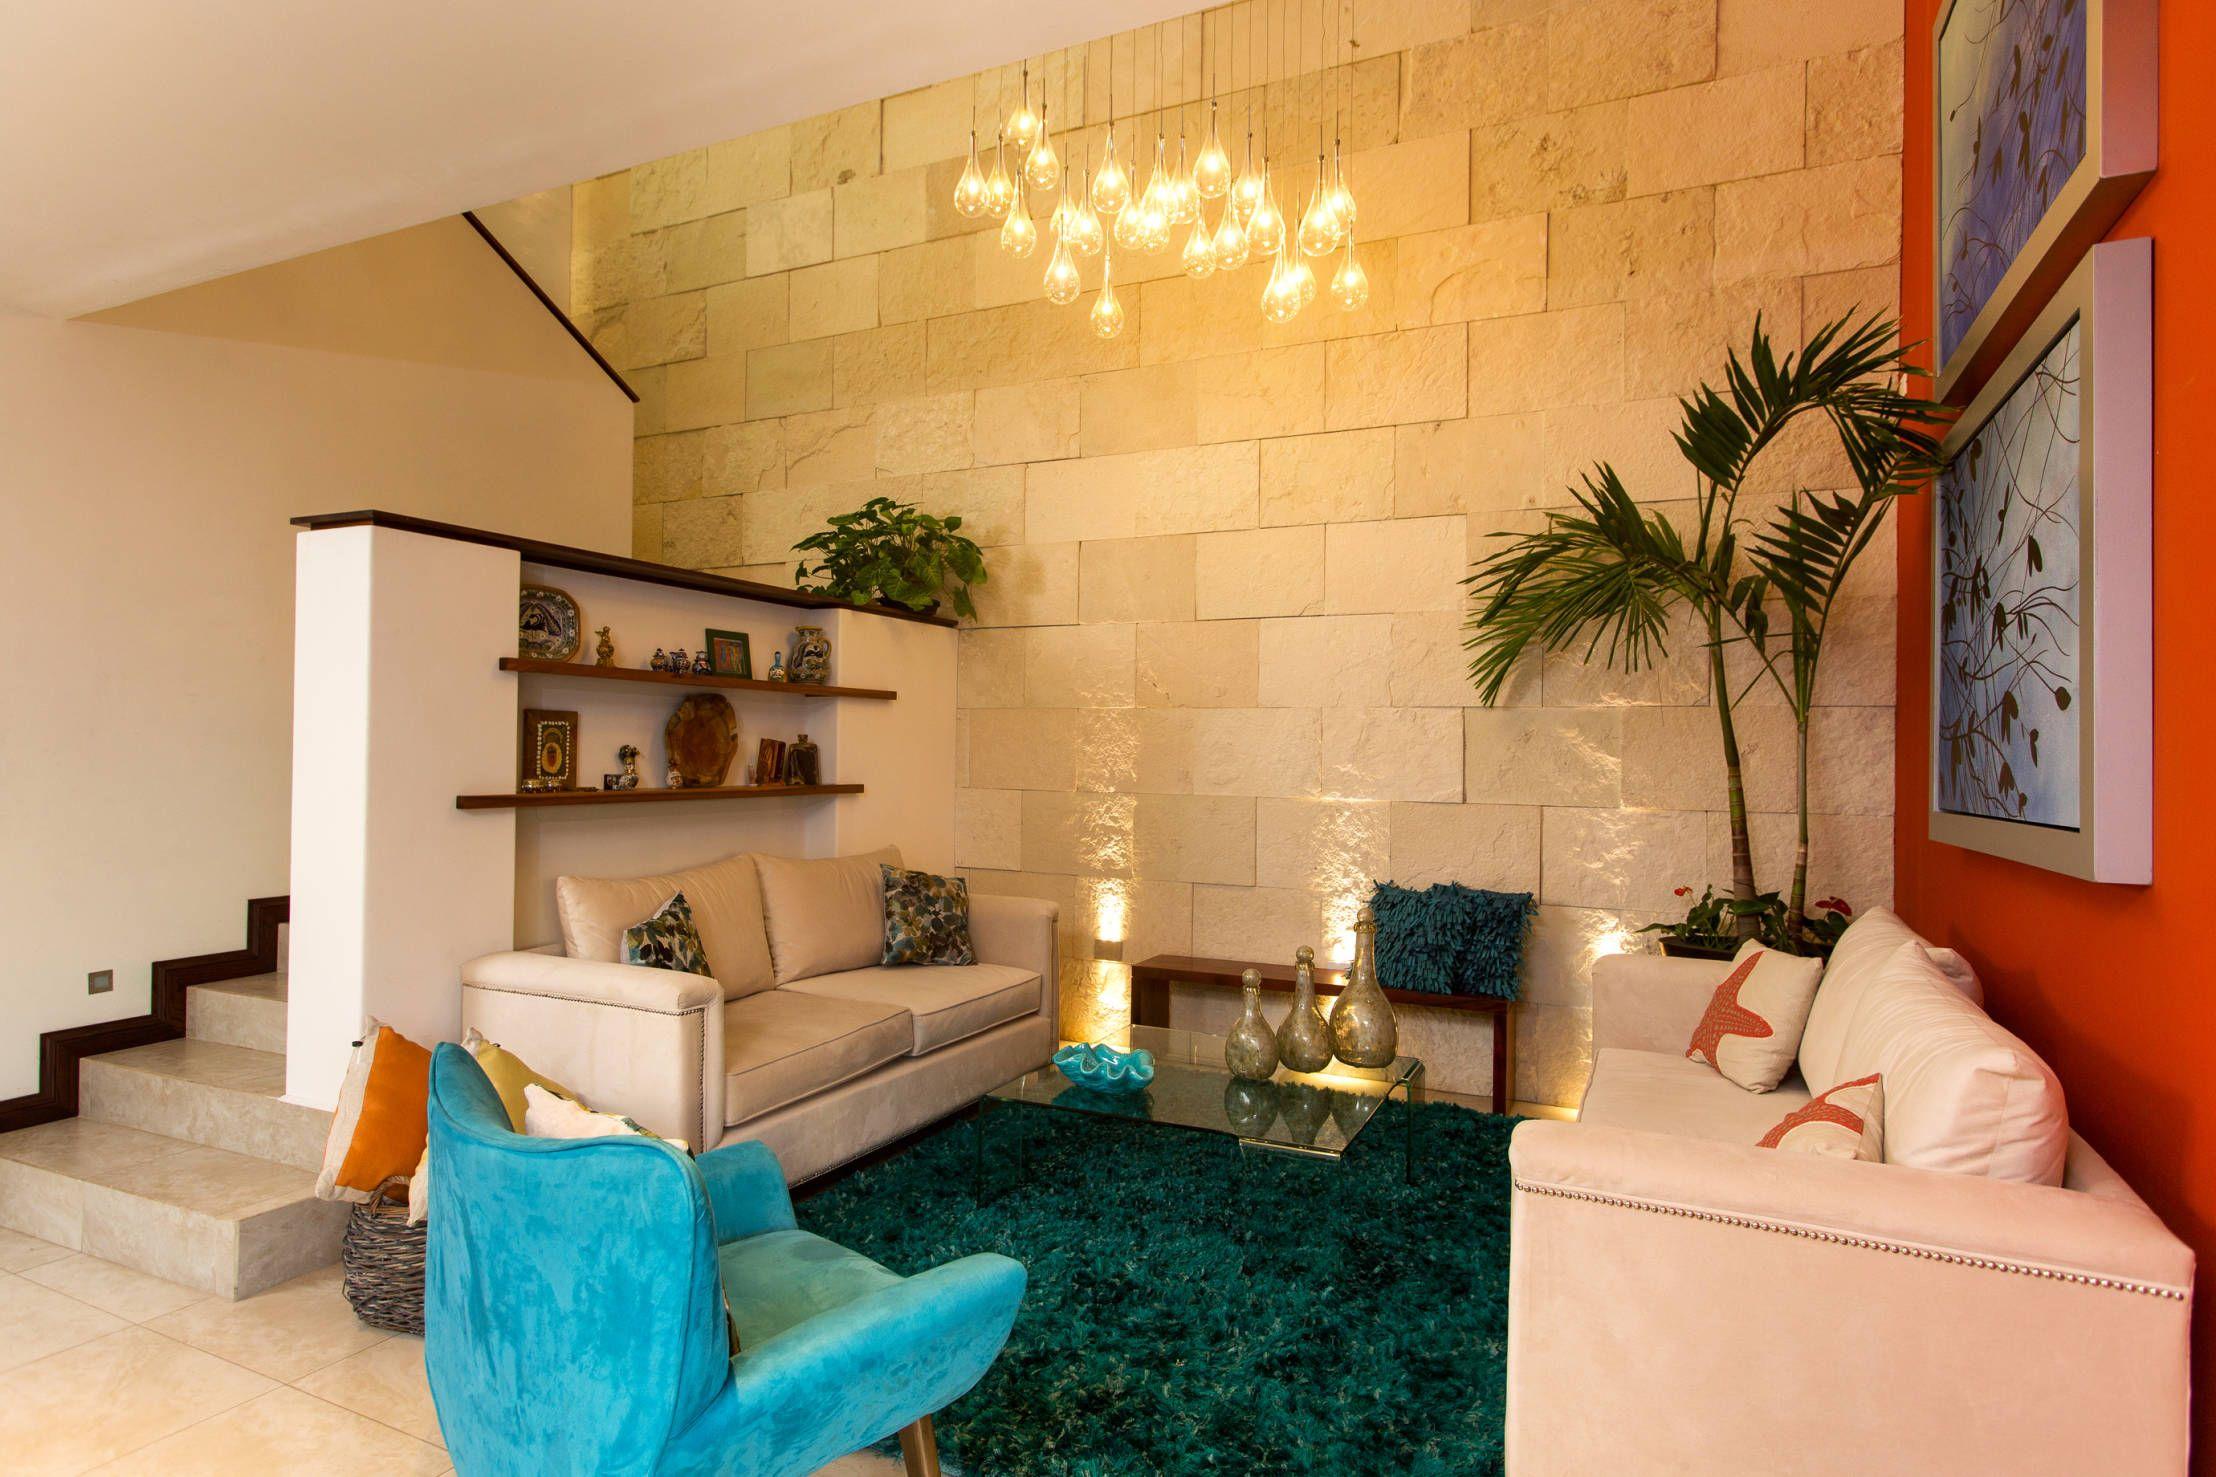 Invito muebles minimalistas interiorismo decoraci n de - Accesorios para decoracion de interiores ...